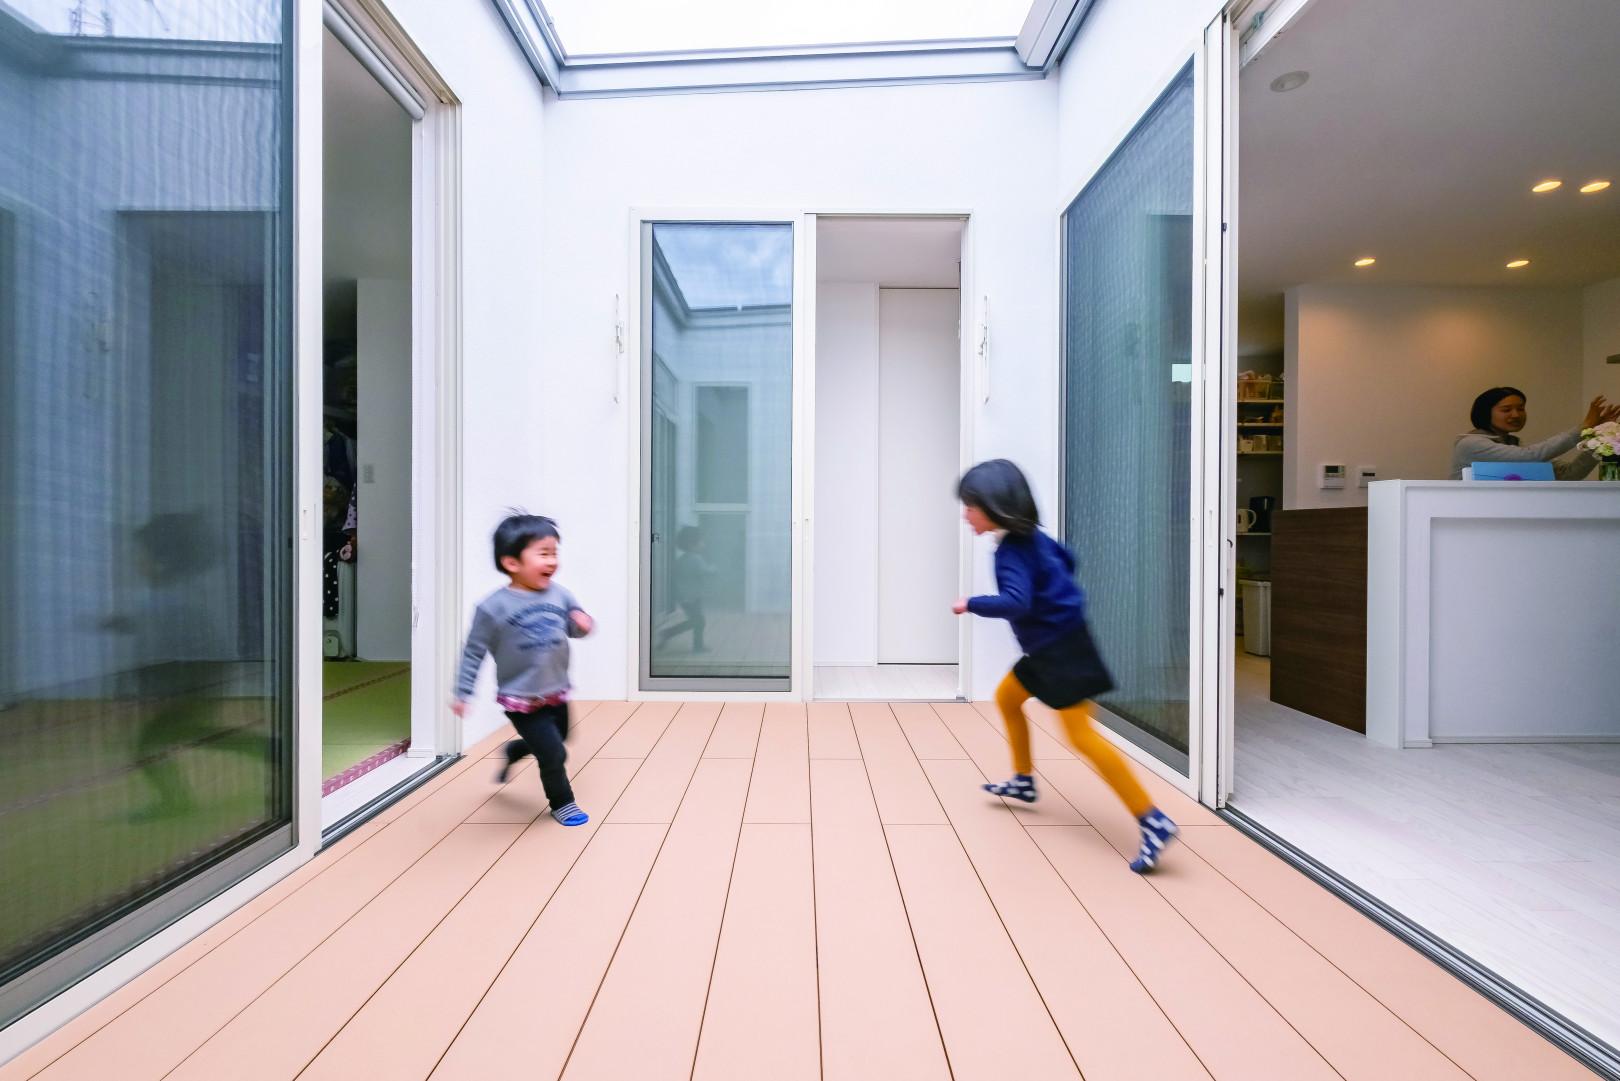 子育て中も将来も自然体で暮らせるミニマムな住まい アイキャッチ画像